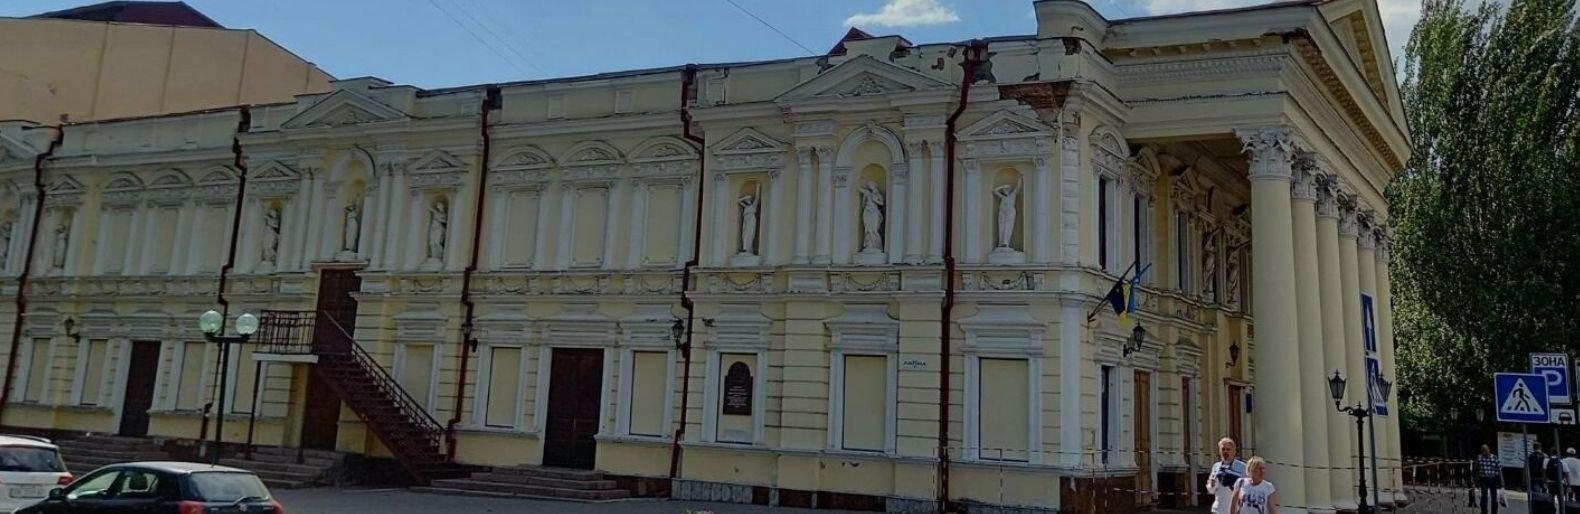 Николаевский облсовет планирует забрать деньги, выделенные на ремонт русдрама